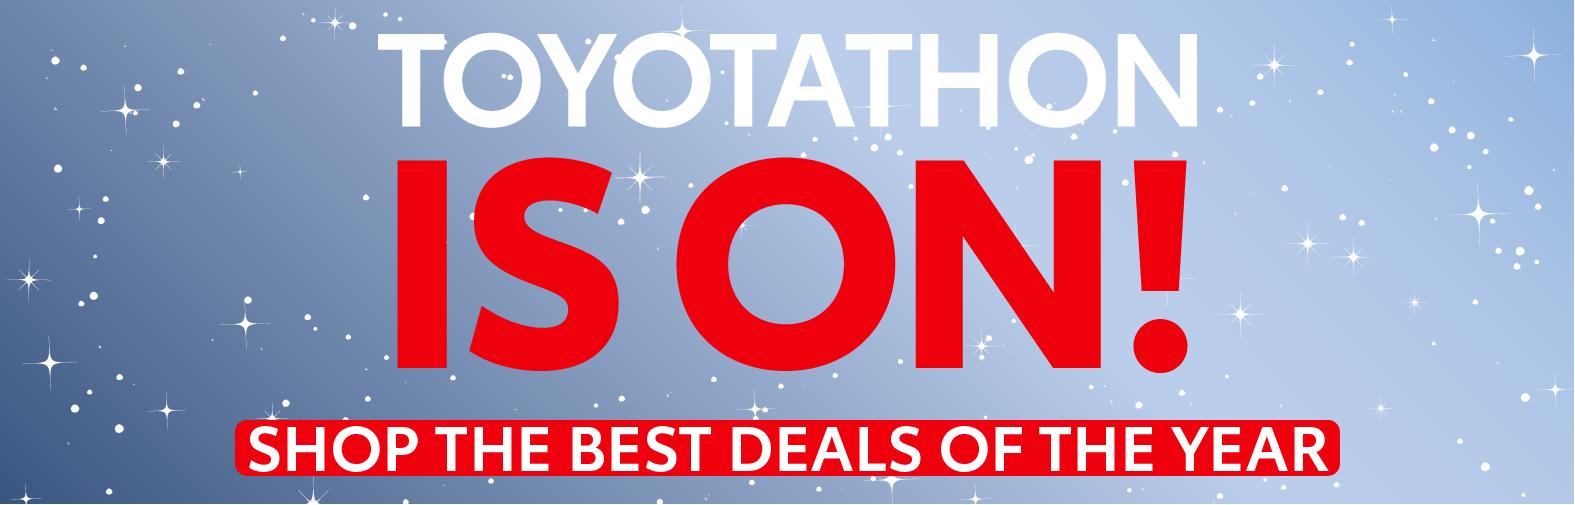 Midtown Toyota Toyoathon